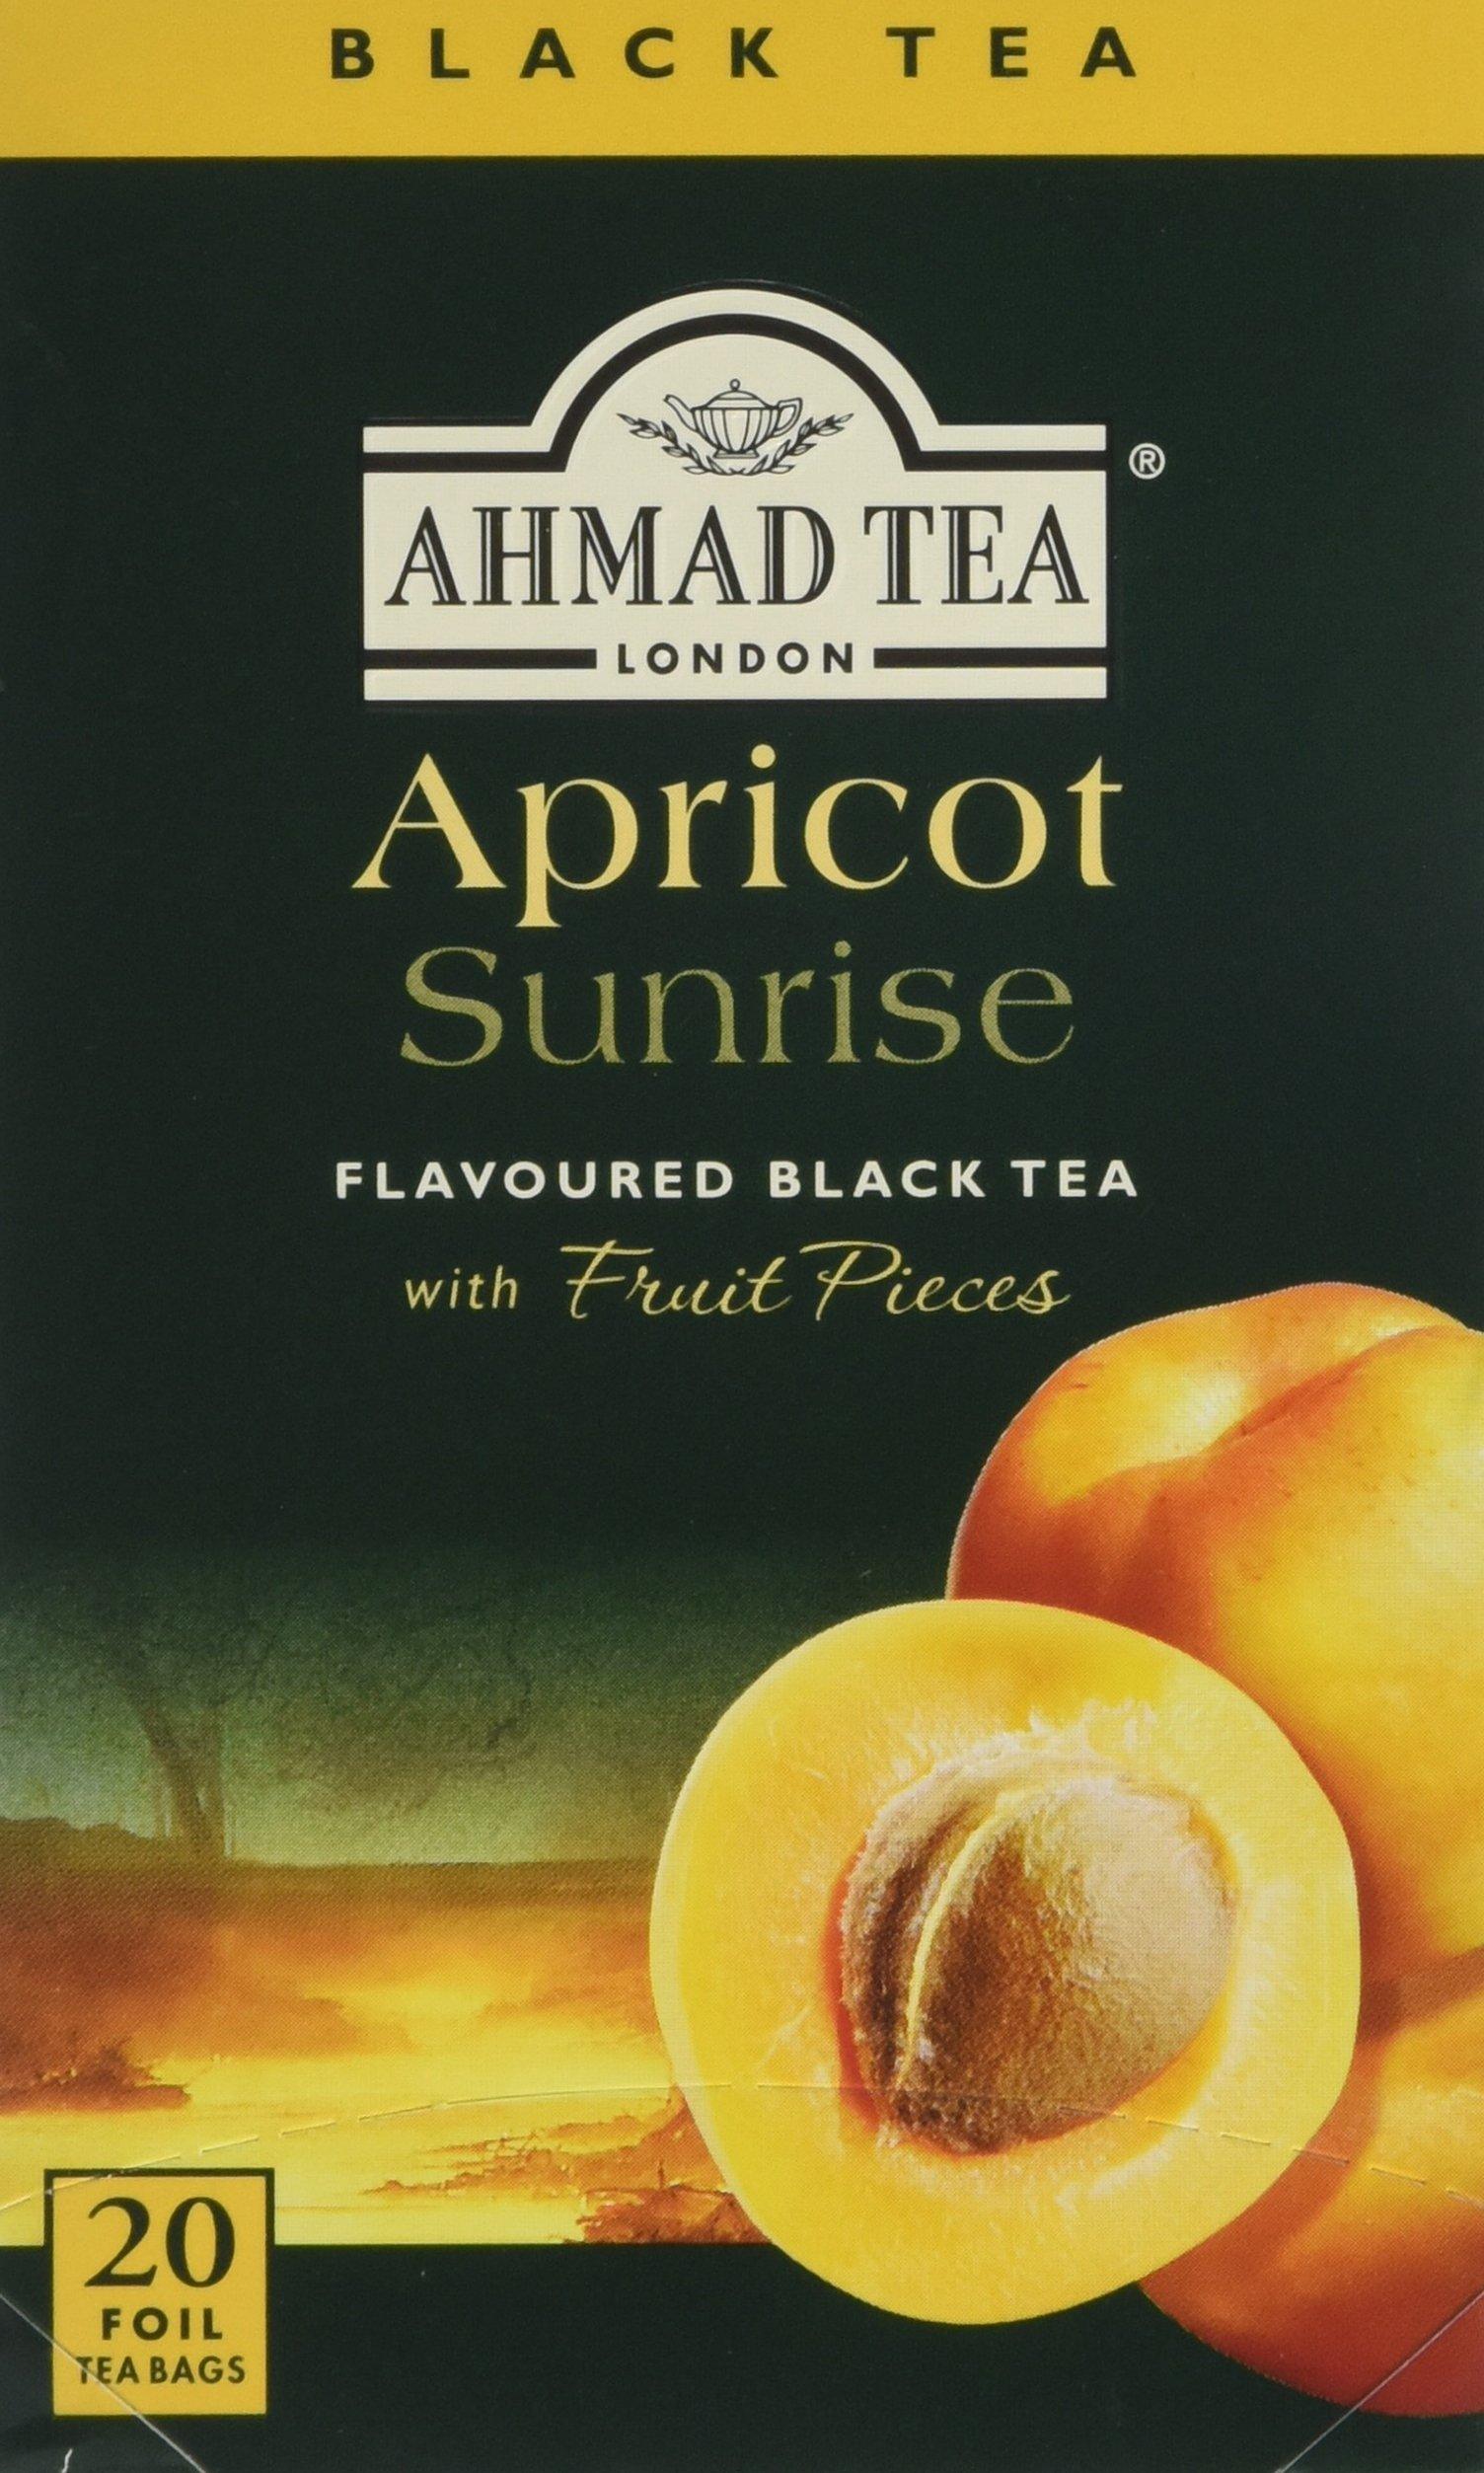 Ahmad Tea Apricot Sunrise Fruit-Flavoured Black Tea - 20 Teabags